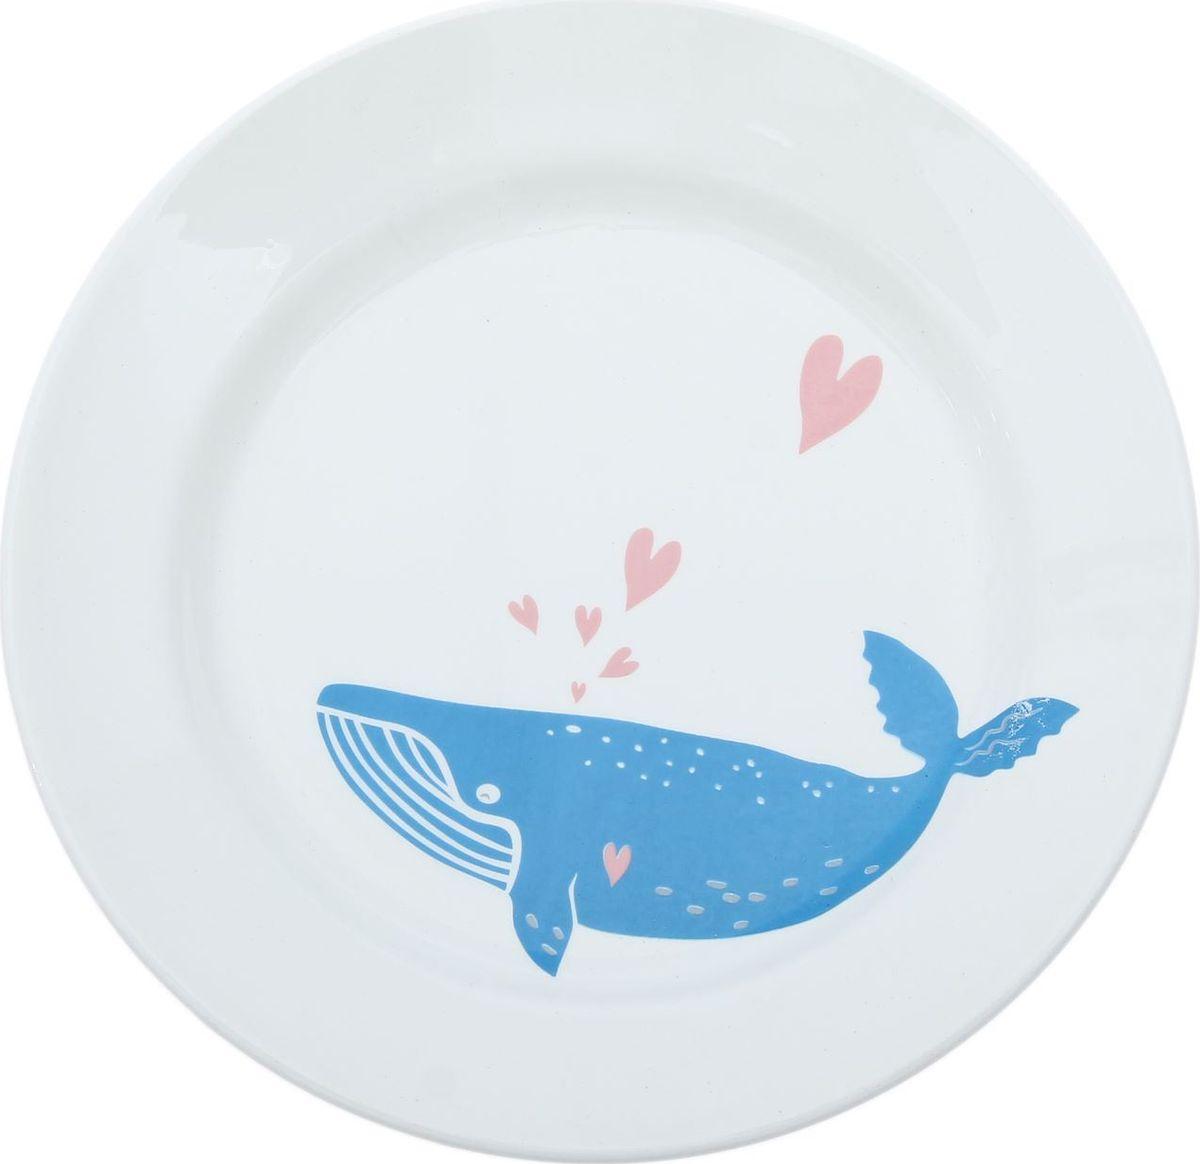 Тарелка Сотвори Чудо Просто кит, диаметр 20 см2512679Хотите обновить интерьер кухни или гостиной? Устраиваете необычную фотосессию или тематический праздник? А может, просто ищете подарок для близкого человека?Посуда « Сотвори Чудо» — правильный выбор в любой ситуации. Её достоинства:изящный фаянс нежного сливочного цвета;стойкость краски;пригодность для посудомоечных машин.